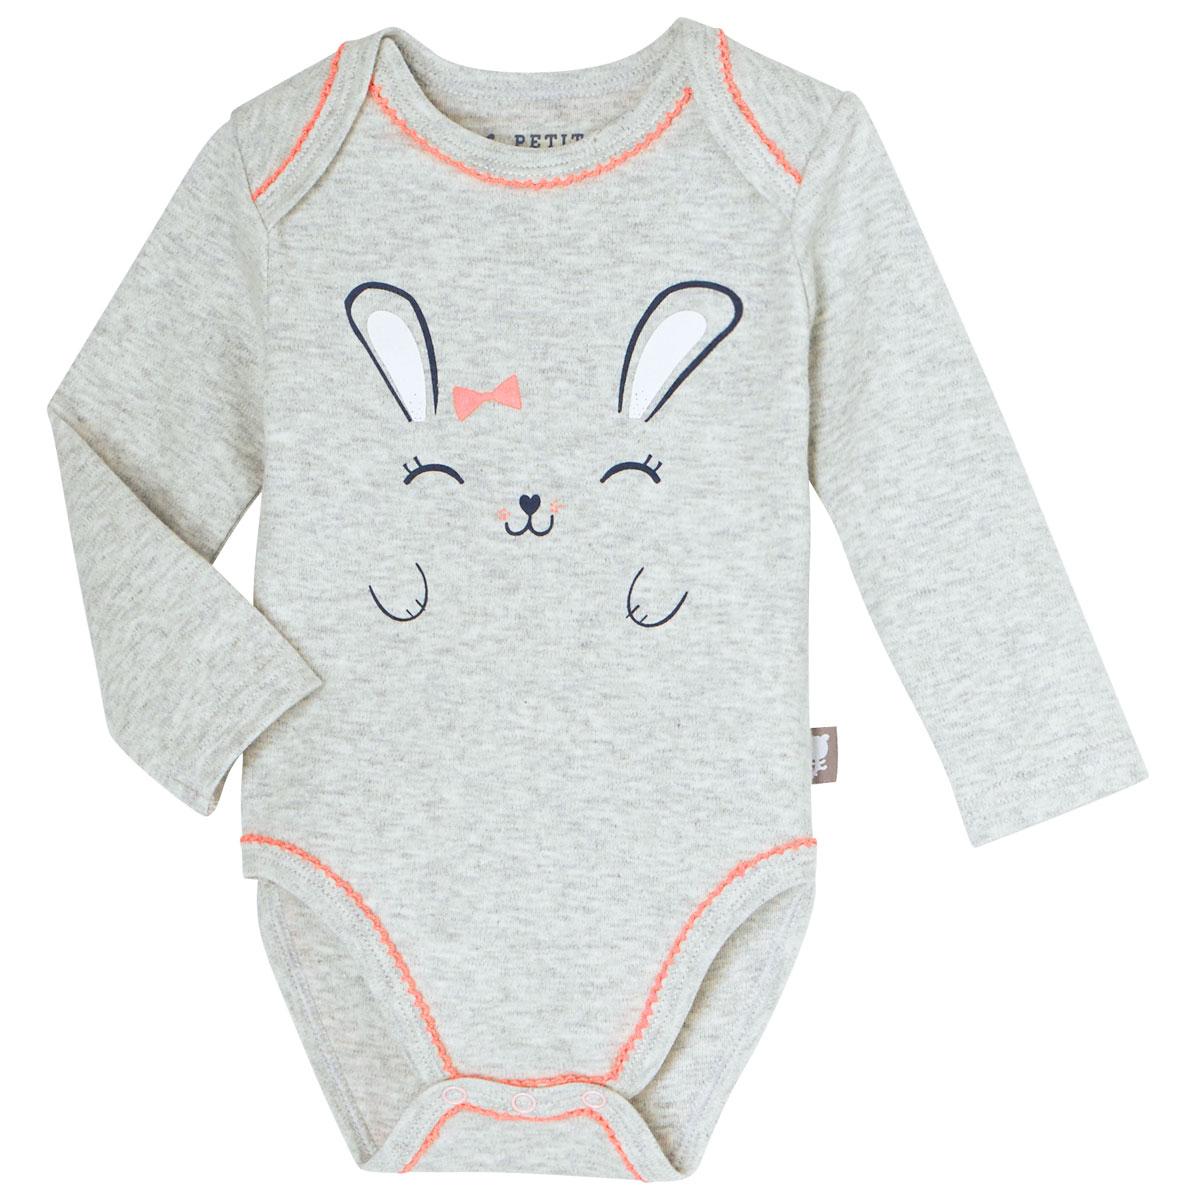 Lot de 2 bodies manches longues bébé fille Pretty Bunny